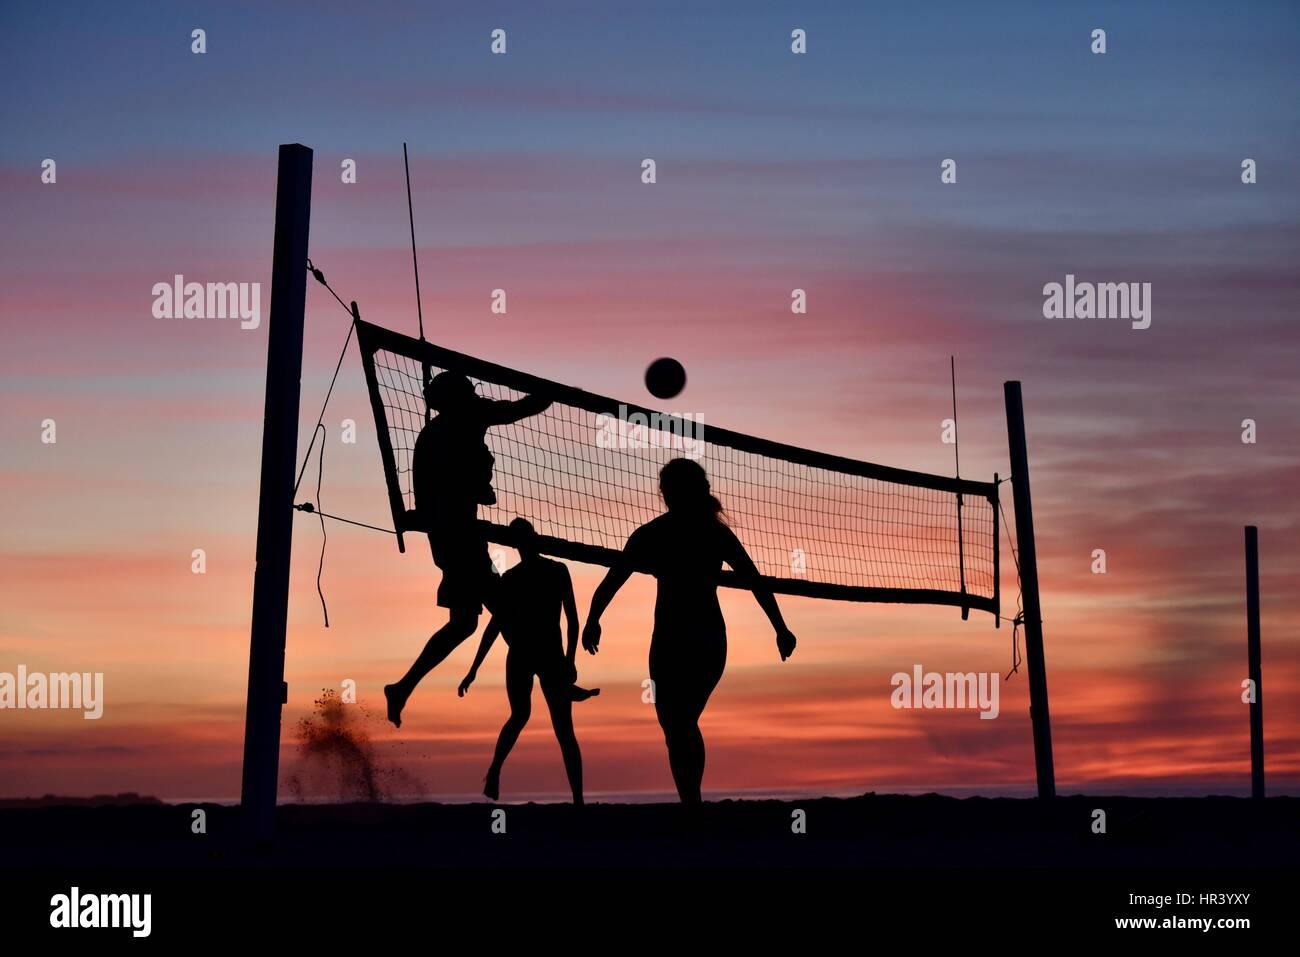 Siluetas de jugadores de voleibol femenino practicar voleibol en una playa al atardecer en Mission Beach, San Diego, Imagen De Stock